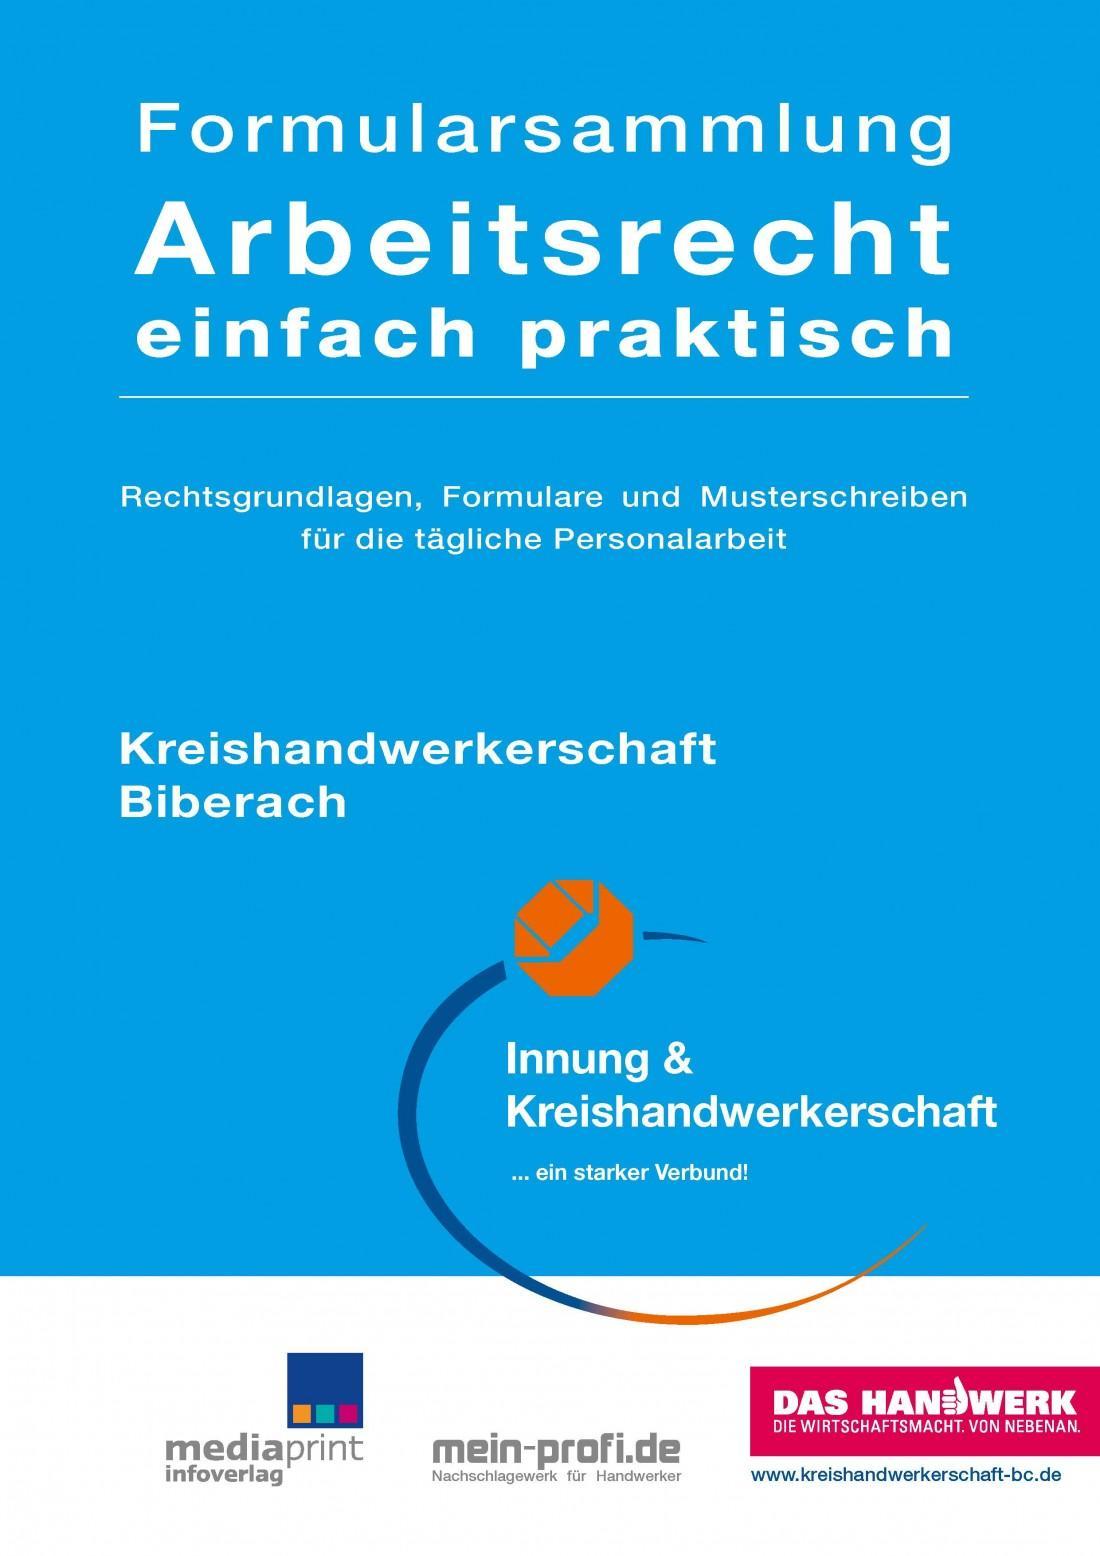 Formularsammlung Arbeitsrecht einfach praktisch Kreishandwerkerschaft Biberach (Auflage 2)